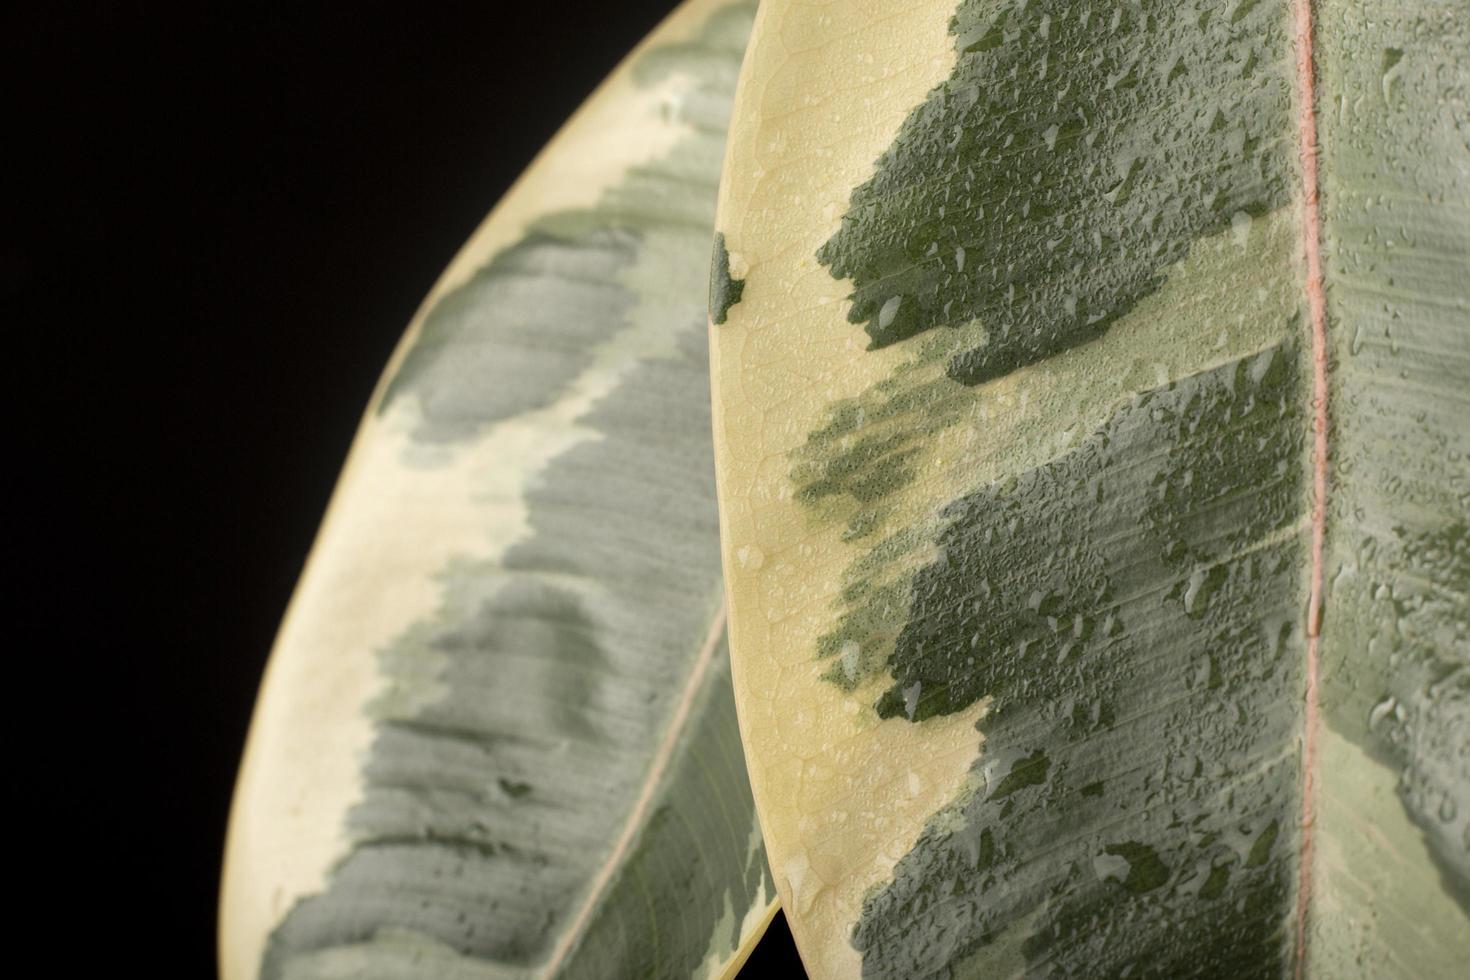 inomhusväxtens texturer detaljer foto